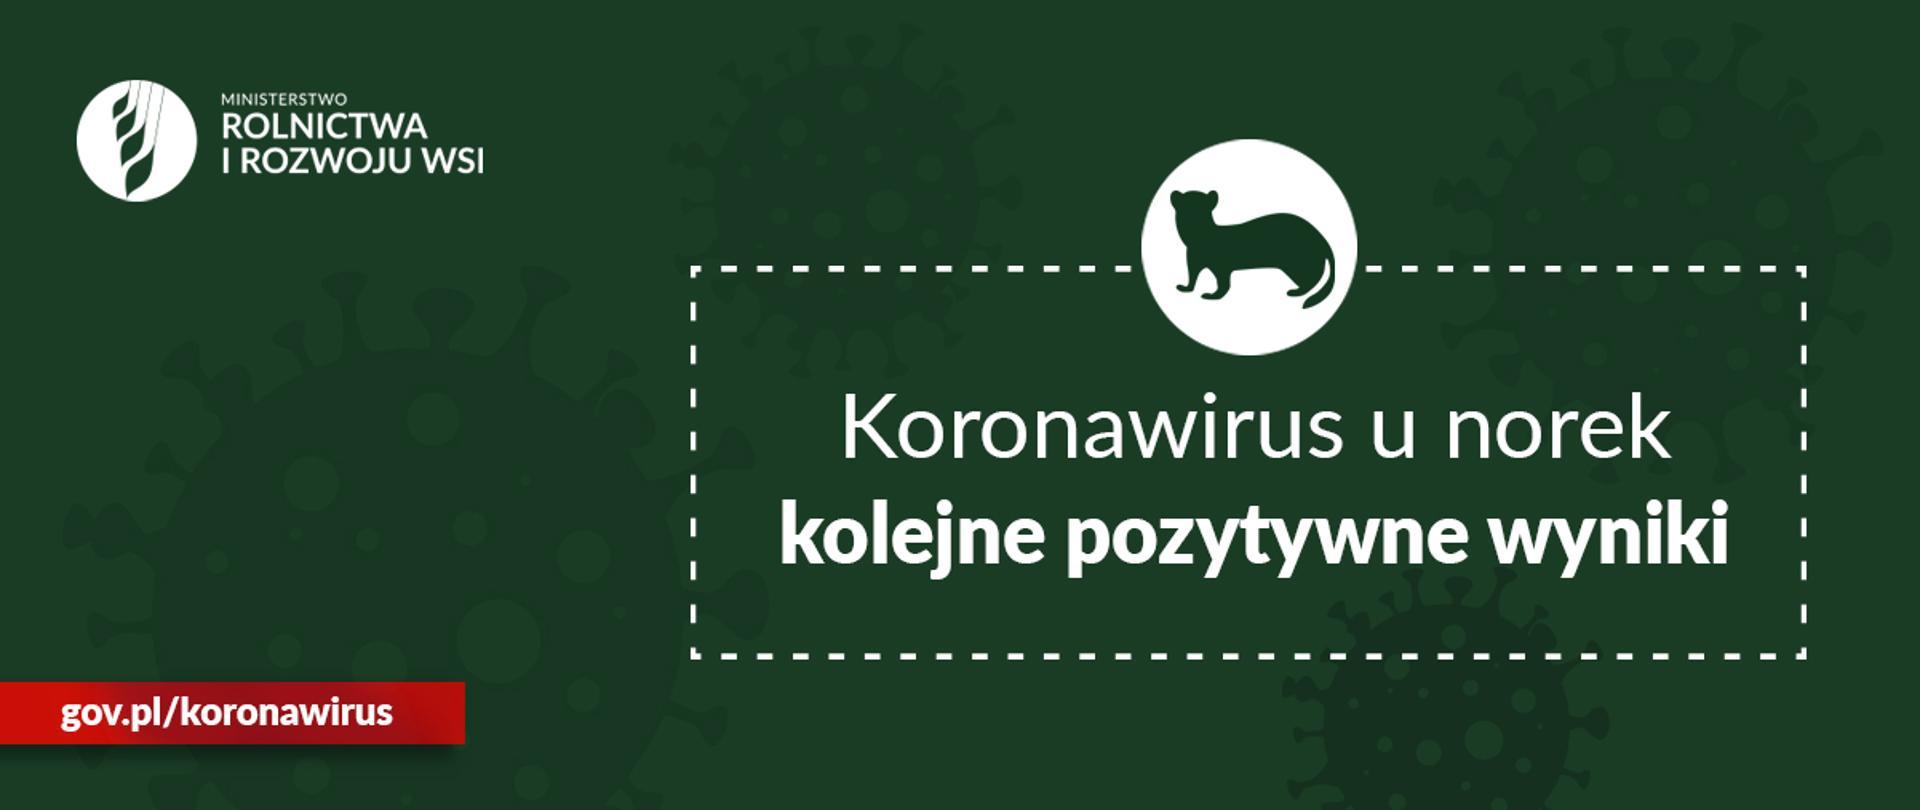 Koronawirus unorek 4 lutego